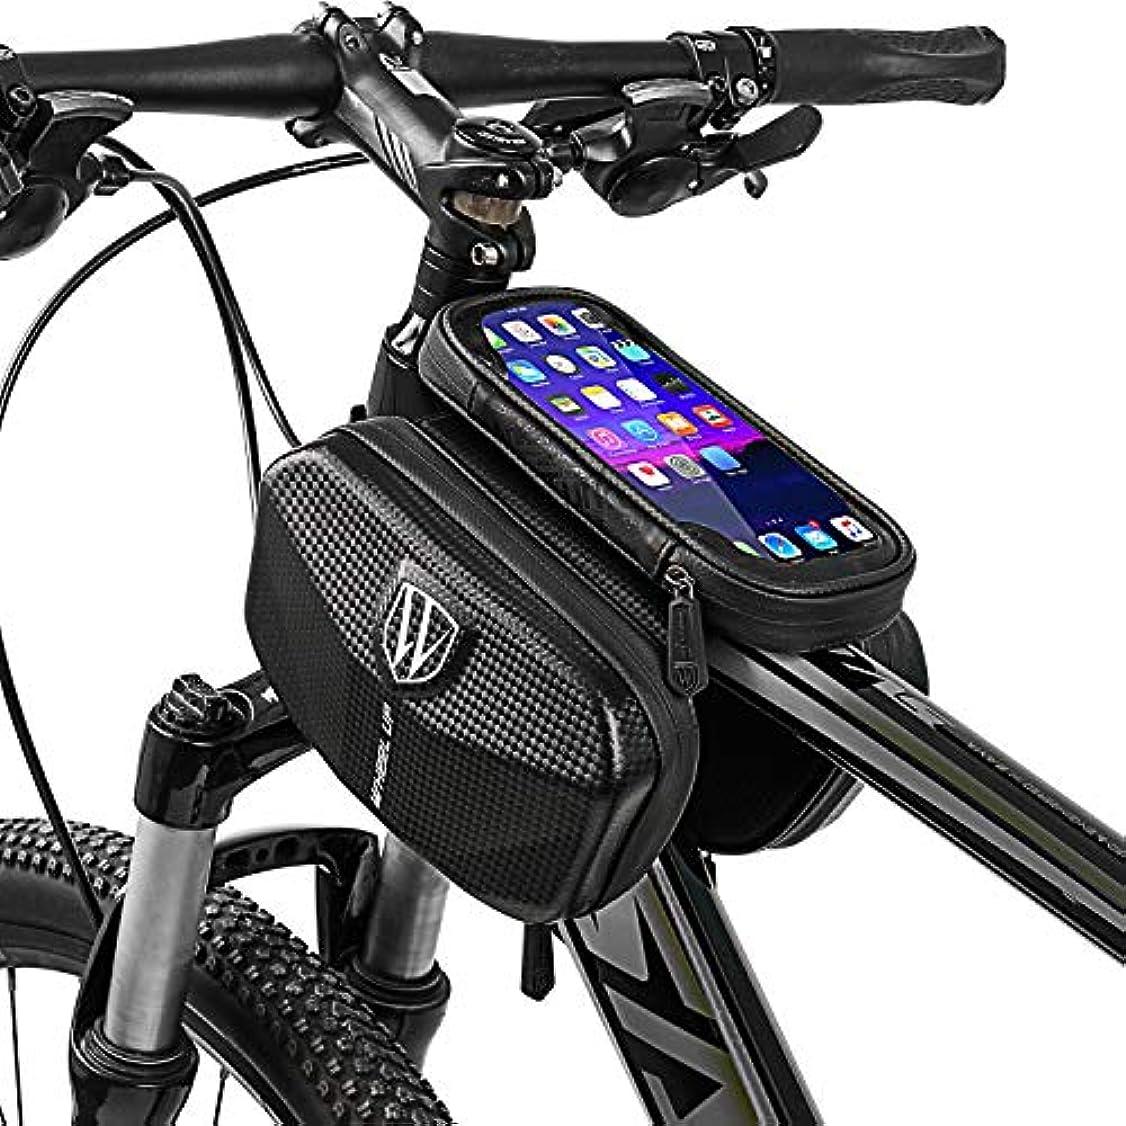 リズム精緻化アサーEVAカーボンパターンハードシェルアッパーチューブバッグ 自転車用フロントバッグ 防水フロントビームバッグ トップチューブバッグ マウンテンバイク?ロードバイク走行装備